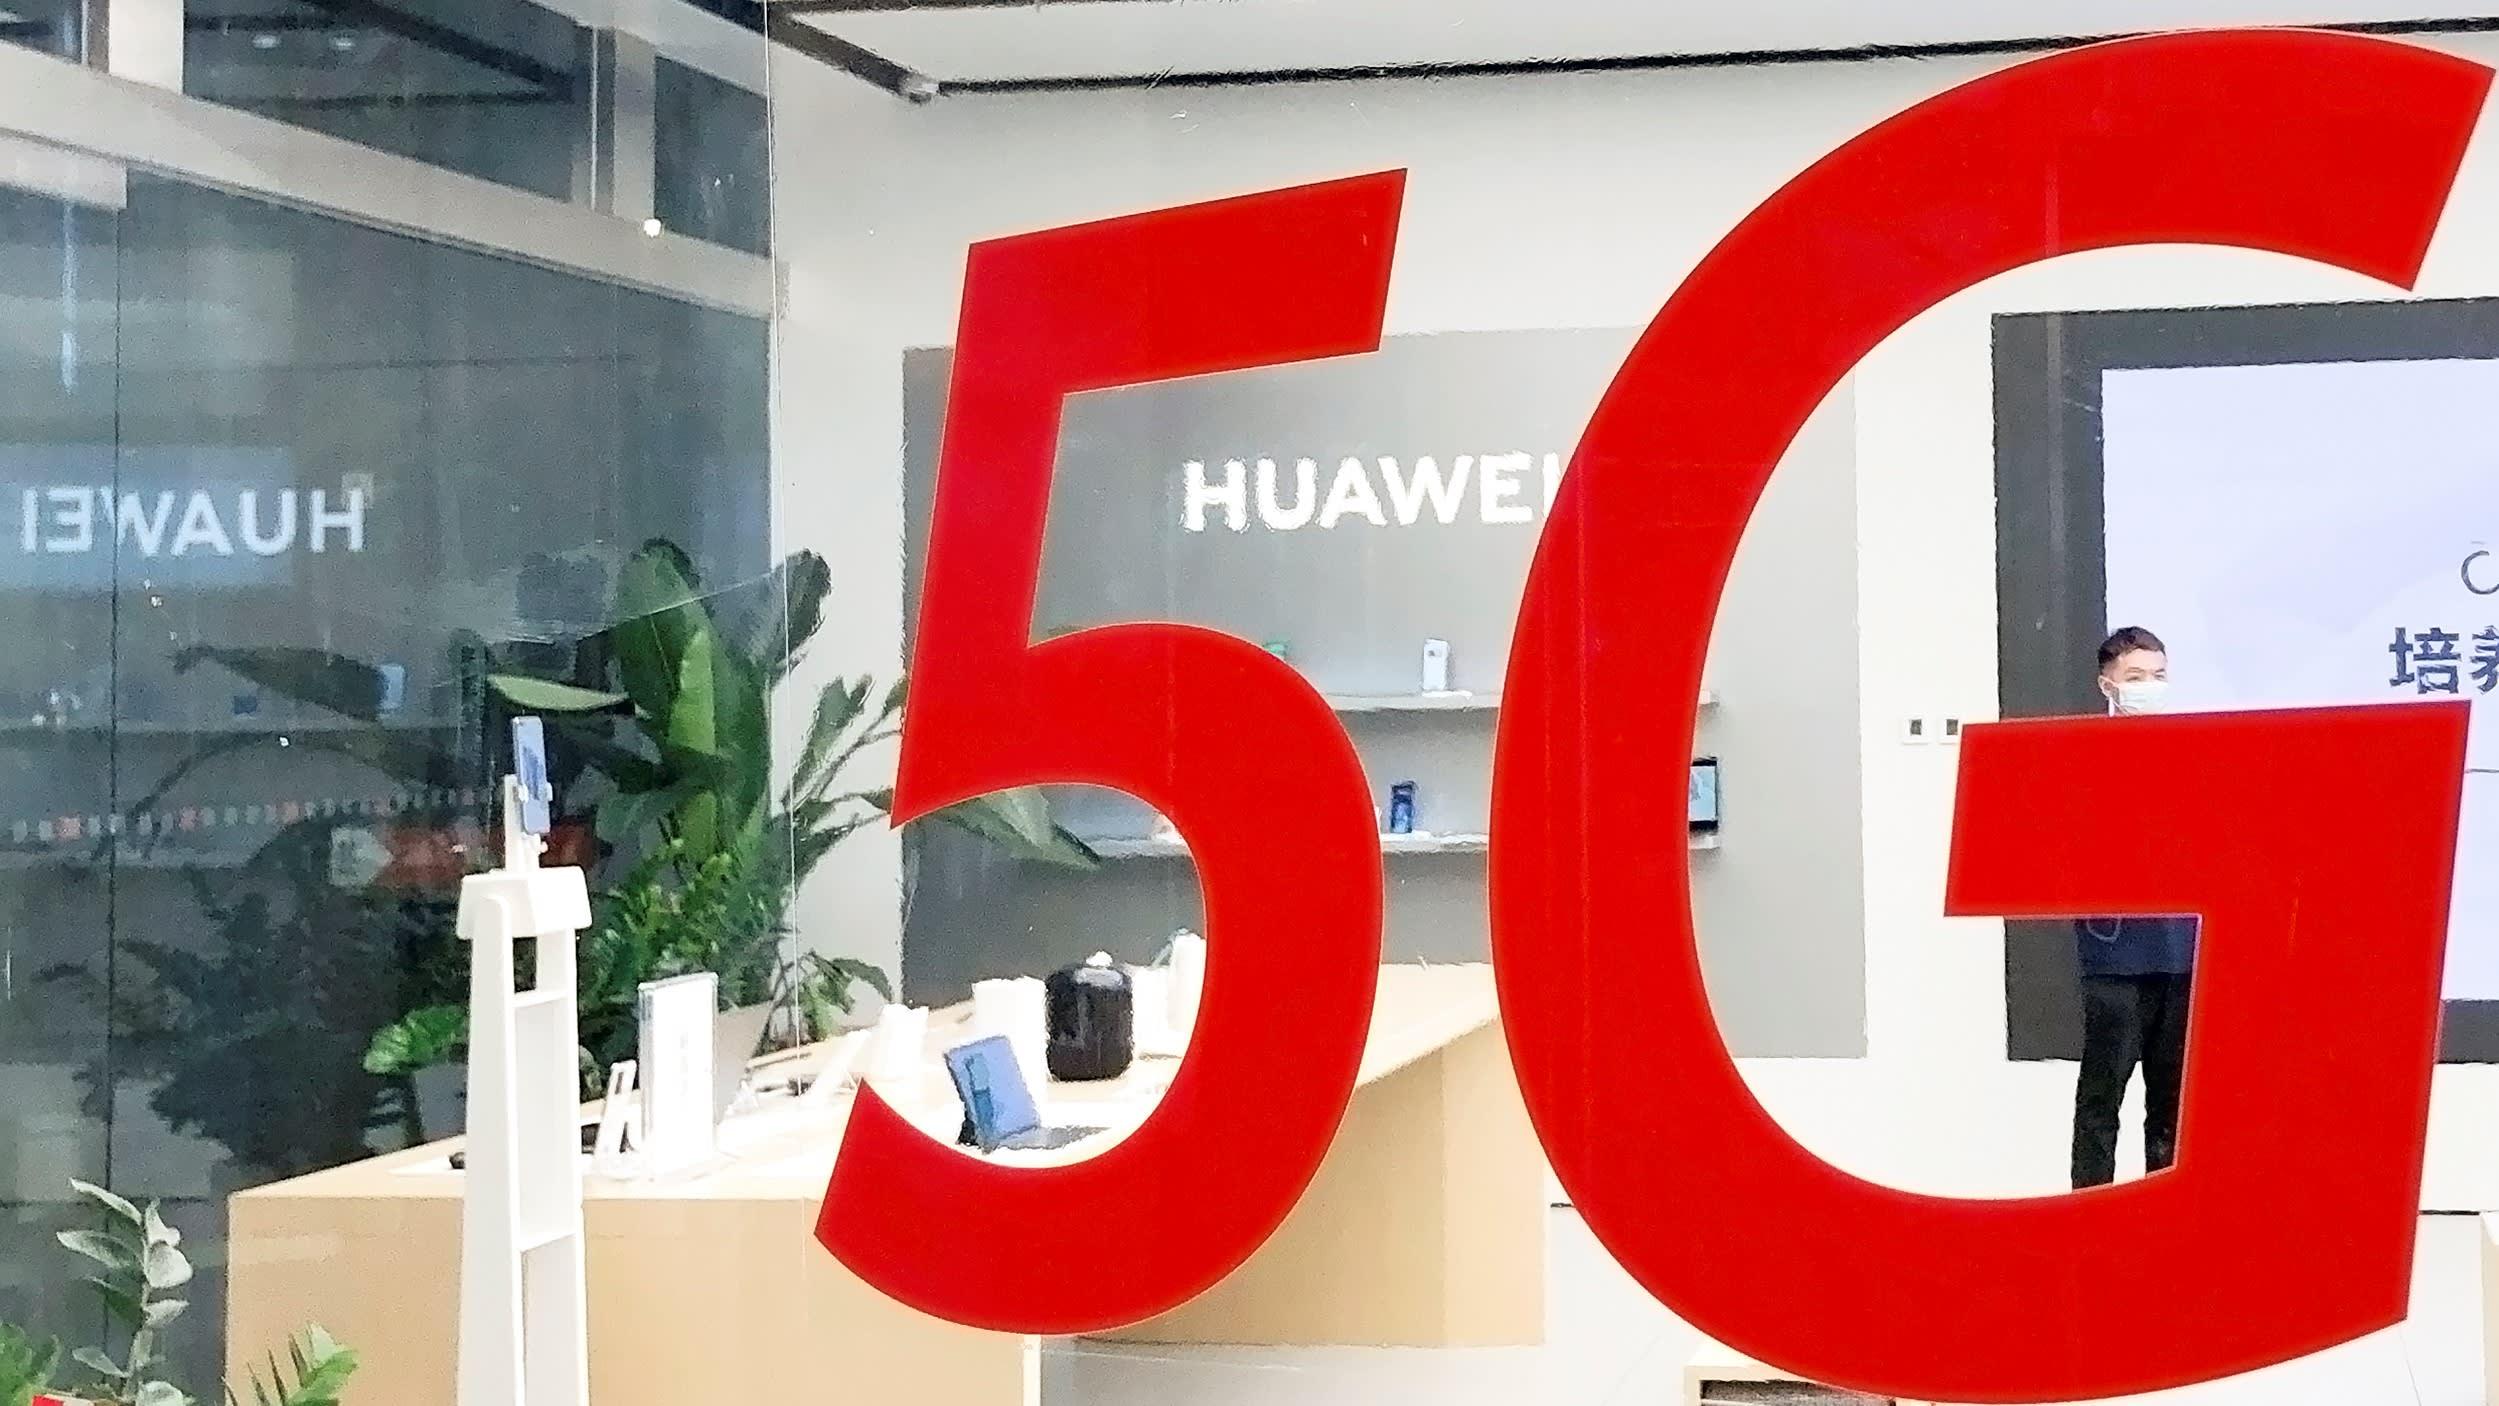 Mỹ cho phép công ty trong nước hợp tác với Huawei vì muốn lãnh đạo toàn cầu về 5G - Ảnh 1.